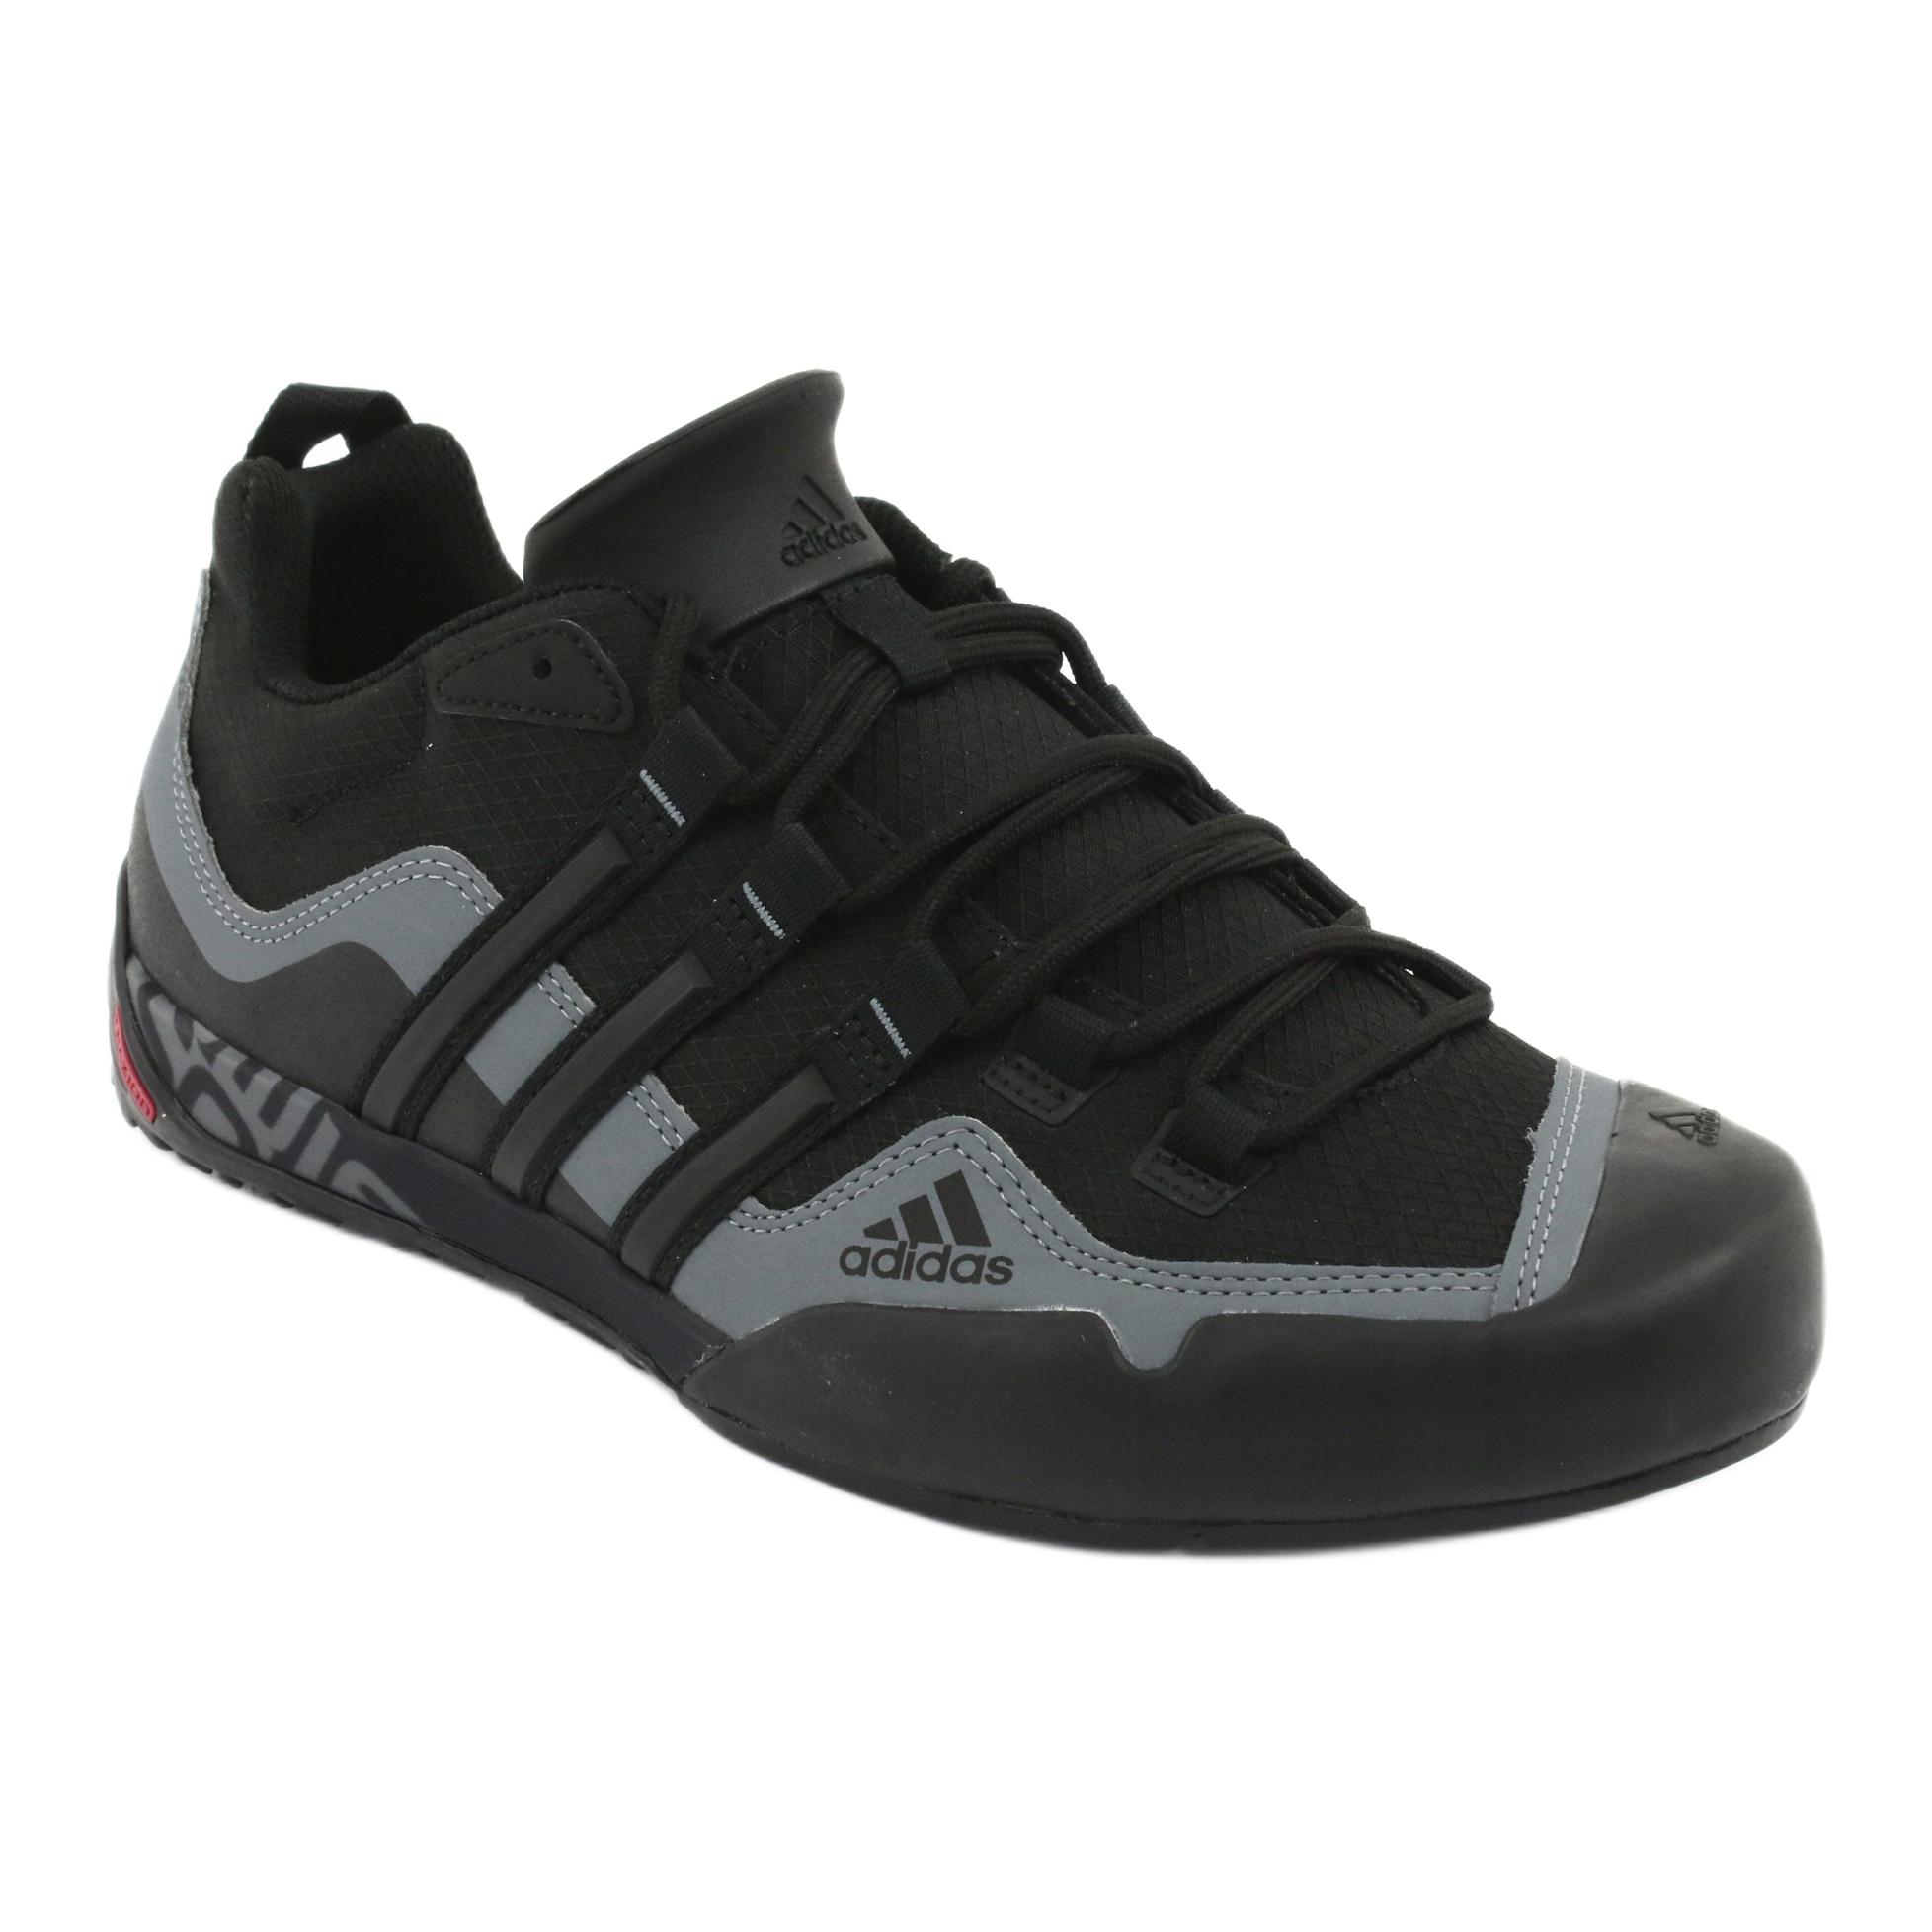 Adidas Terrex Swift Solo M D67031 cipő fekete